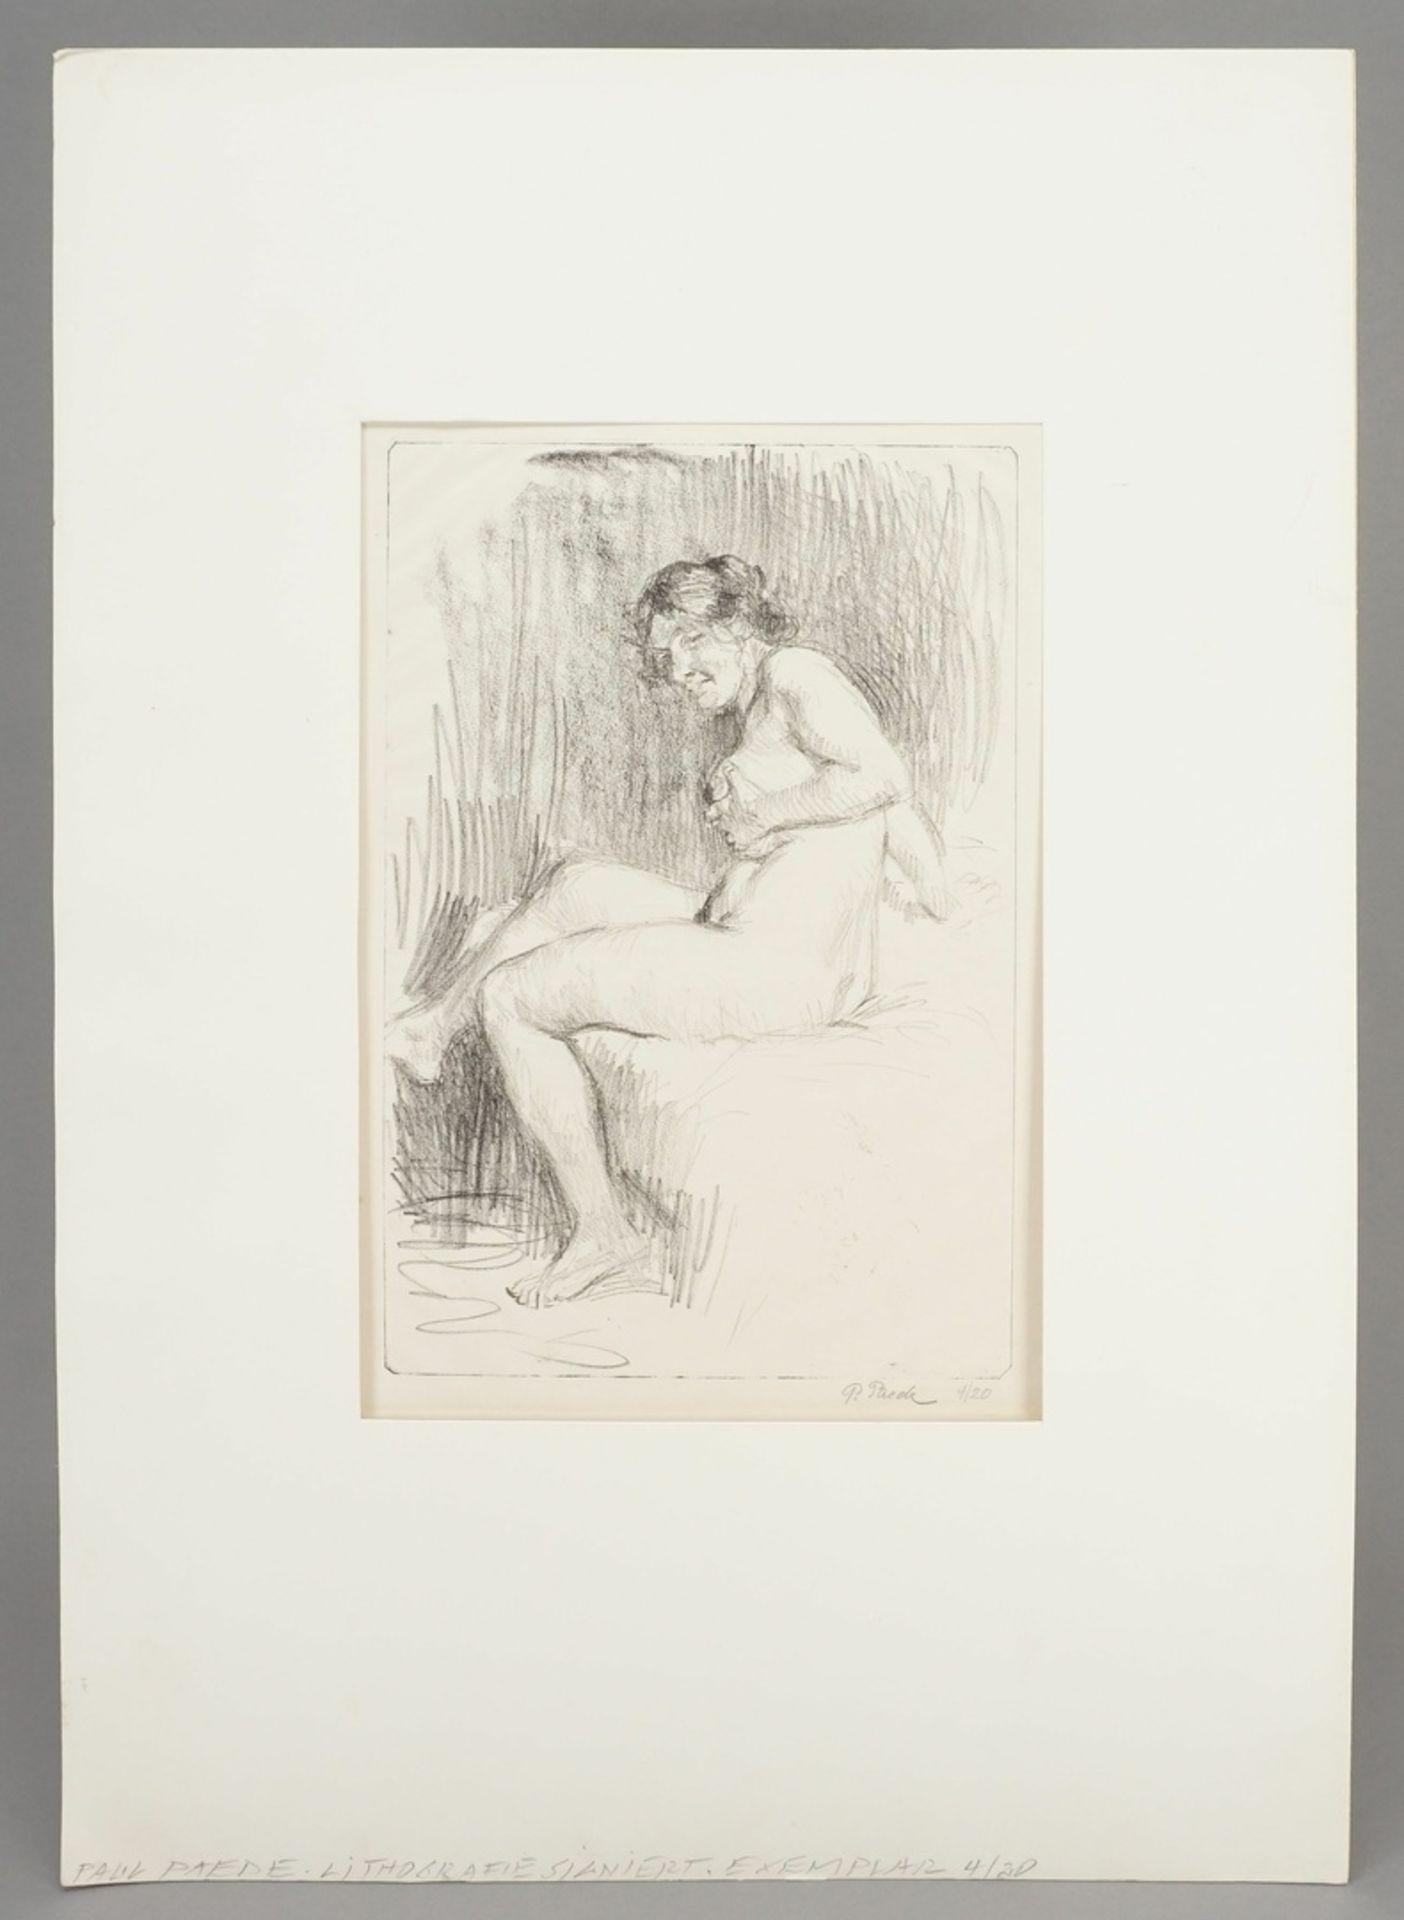 Paul Paede, Sitzender weiblicher Akt, die linke Hand an der Brust - Bild 2 aus 4